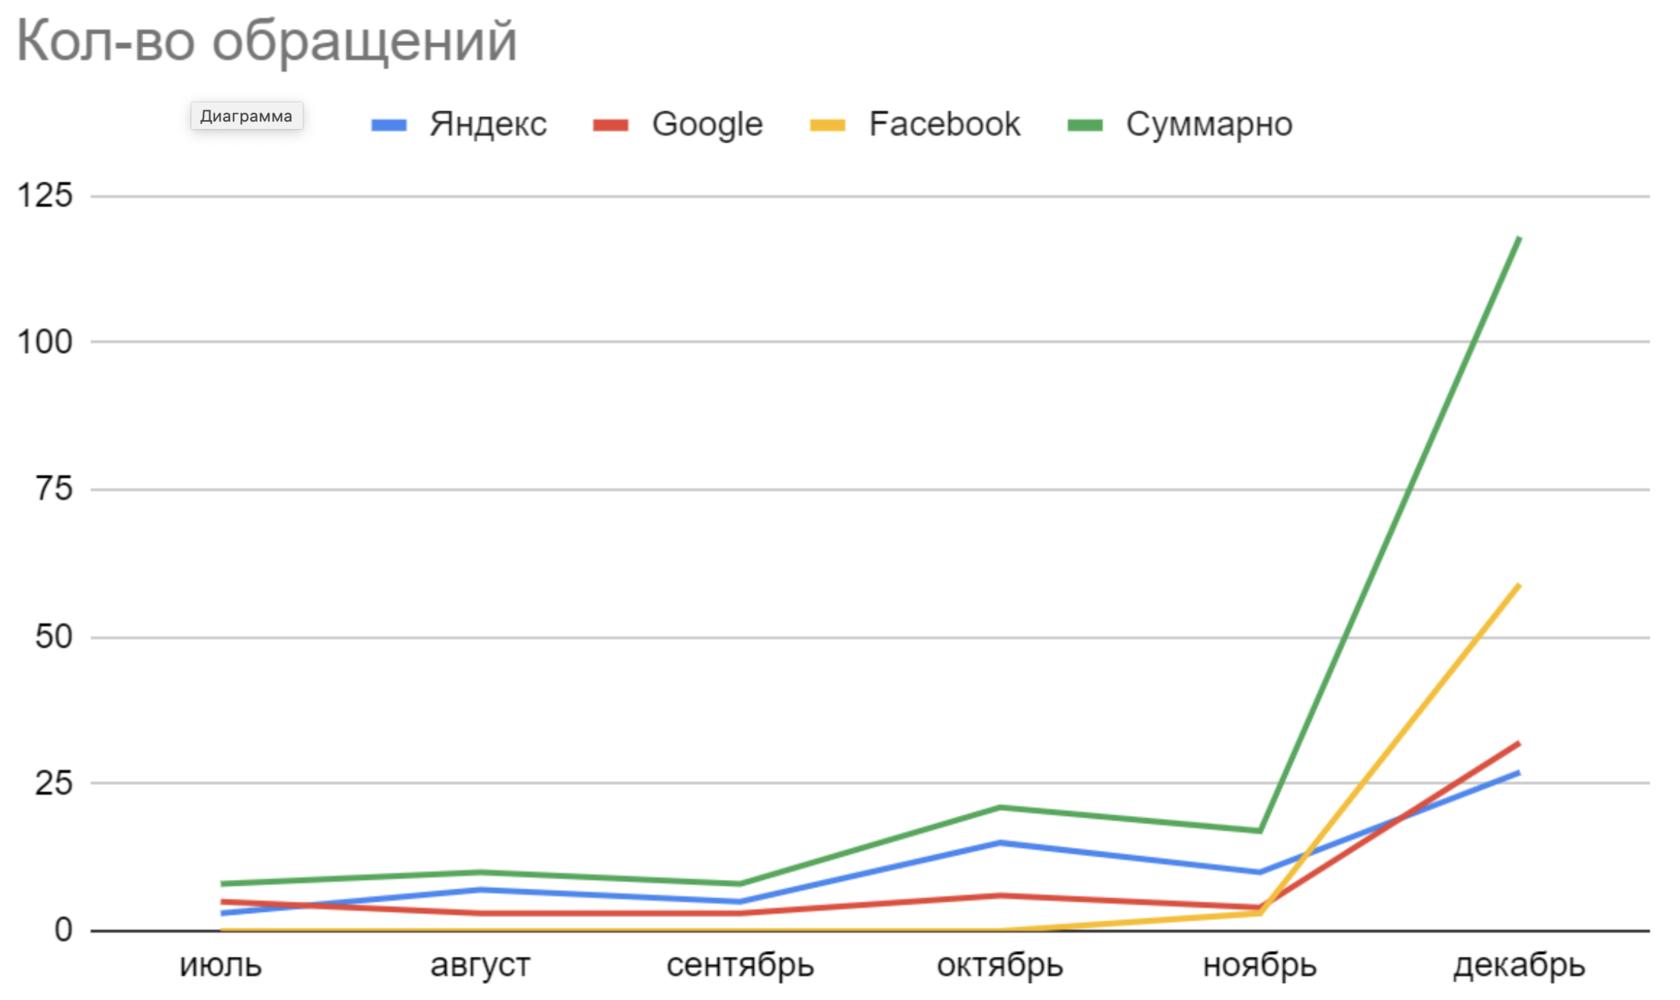 График количества обращений